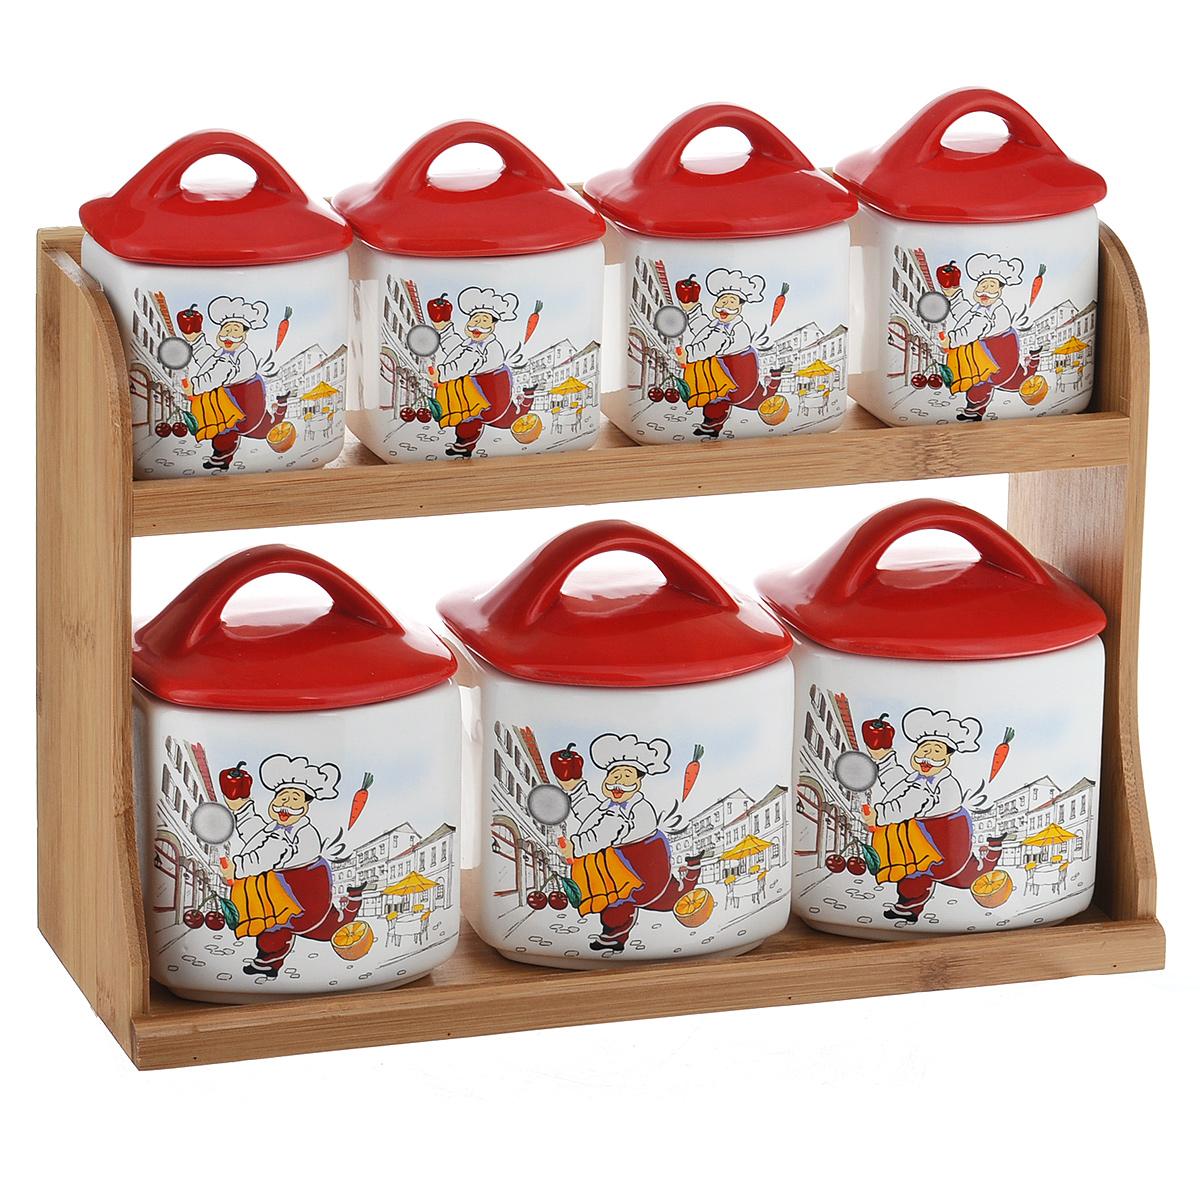 Набор банок для хранения сыпучих продуктов Веселый повар, цвет: красный, белый, 8 предметовDFC00574-02226 W 7/SНабор Веселый повар состоит из трех больших банок, четырех маленьких банок и подставки. Предметы набора изготовлены из доломитовой керамики и декорированы изображением повара. Изделия помещаются на удобную деревянную подставку. Оригинальный дизайн, эстетичность и функциональность набора позволят ему стать достойным дополнением к кухонному инвентарю.Можно мыть в посудомоечной машине на минимальной температуре.Размер основания большой емкости: 8,5 х 9,5 см.Высота большой емкости (без учета крышки): 9 см.Размер основания маленькой емкости: 7 см х 6 см.Высота маленькой емкости (без учета крышки): 6,5 см.Размер подставки: 33 см х 10,5 см х 22 см.